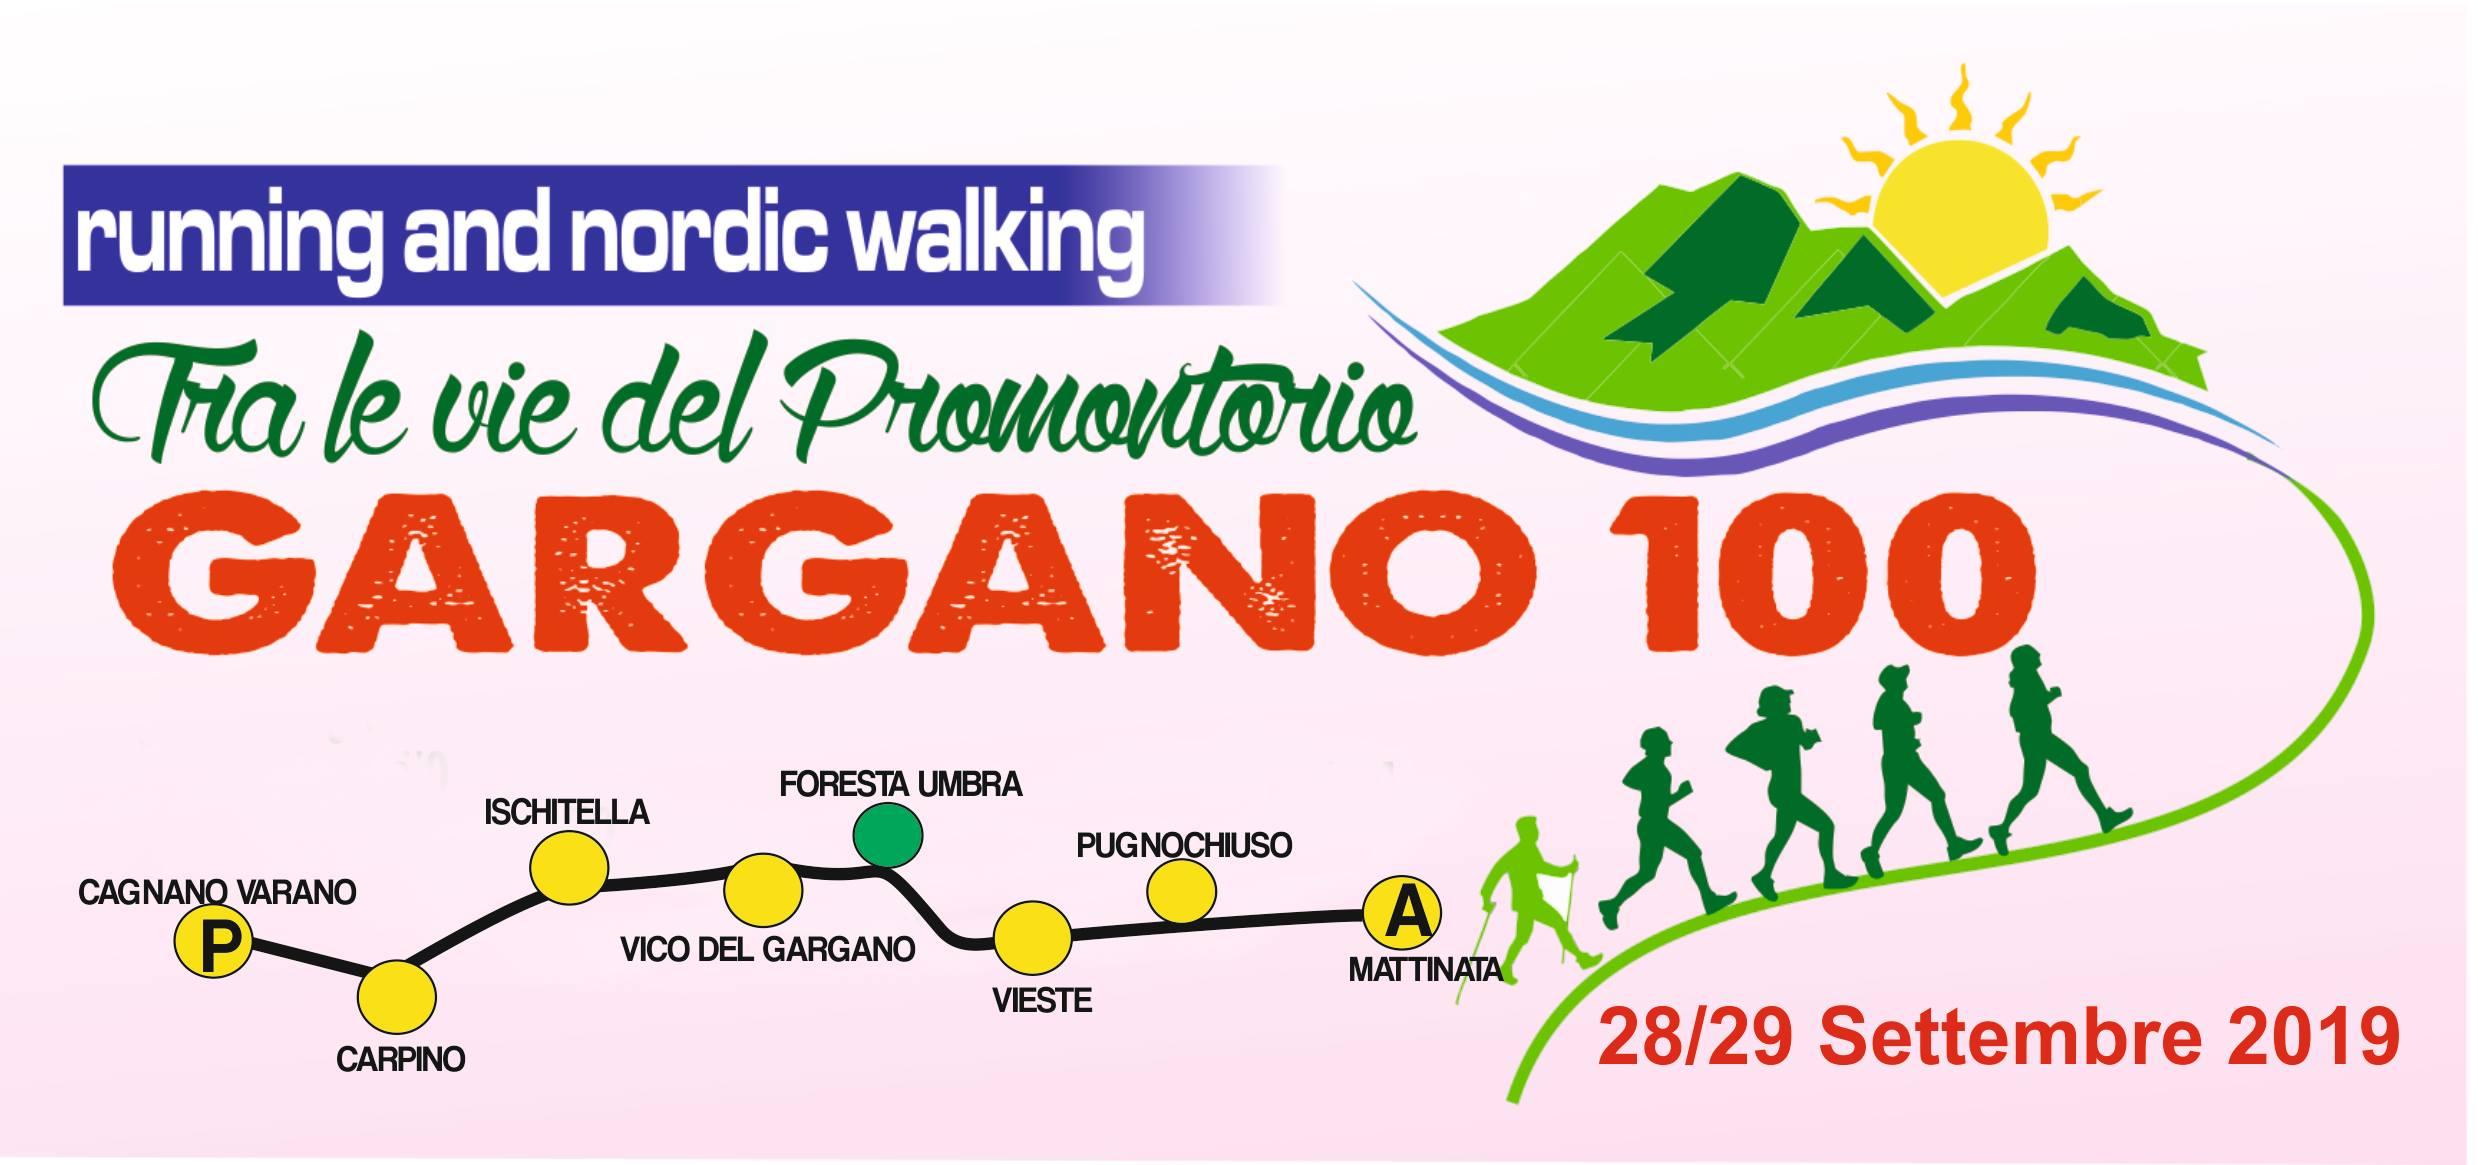 Calendario Gare Podistiche Campania.Informazioni 100 Km Nel Gargano